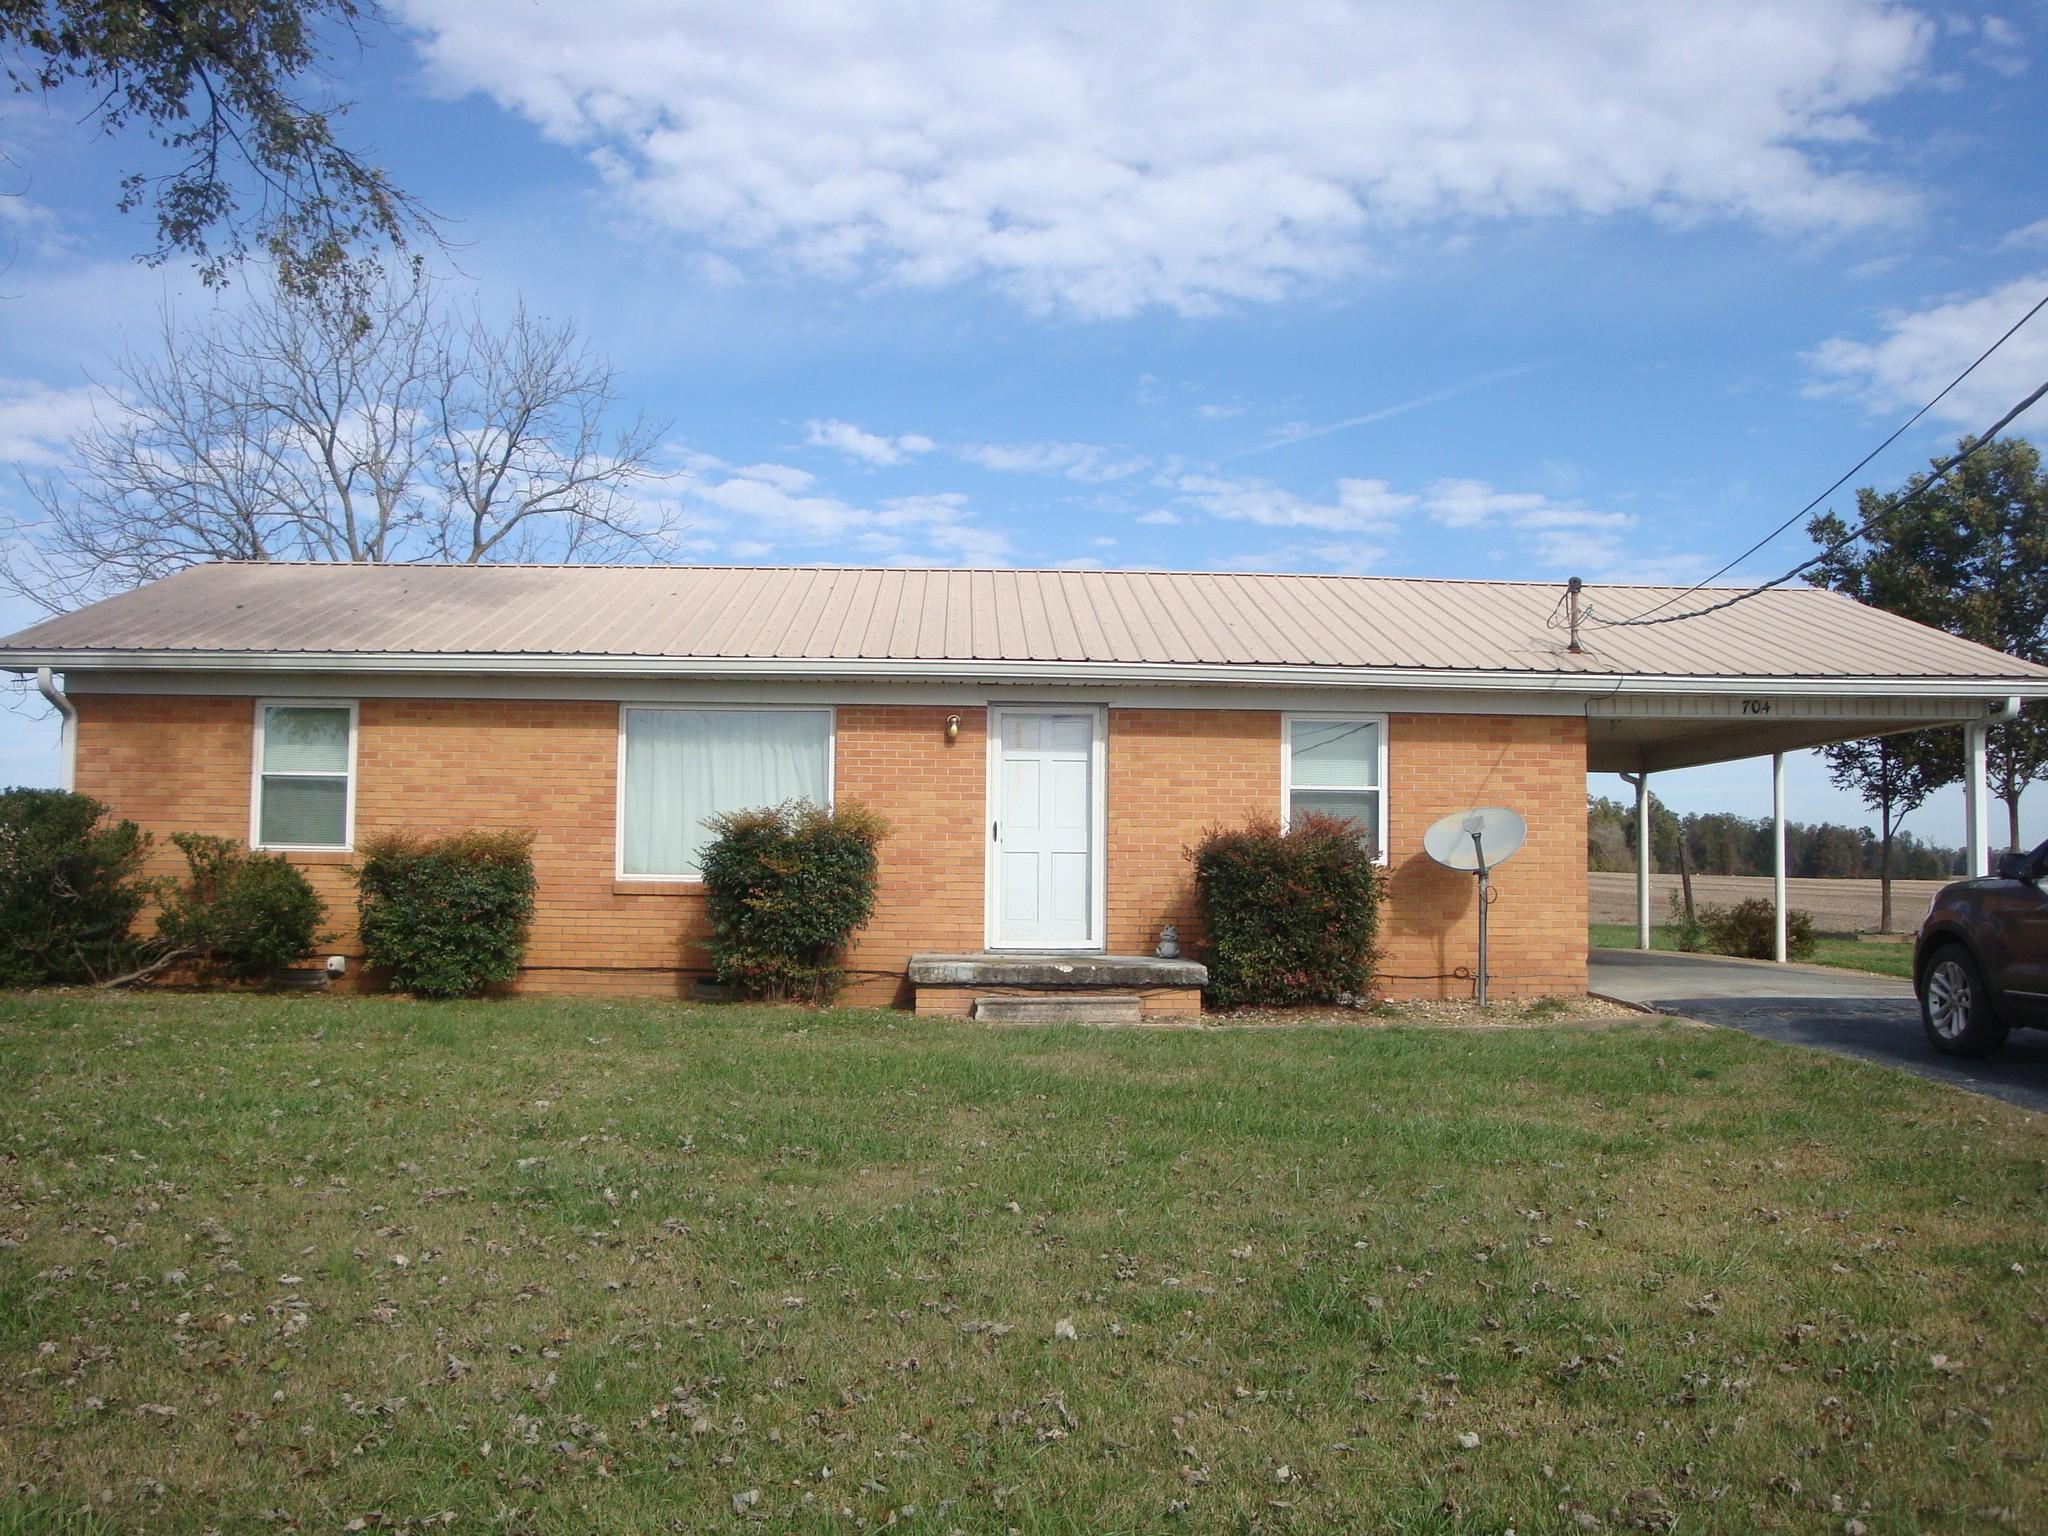 704 Ethridge Red Hill Rd, Ethridge, TN 38456 - Ethridge, TN real estate listing